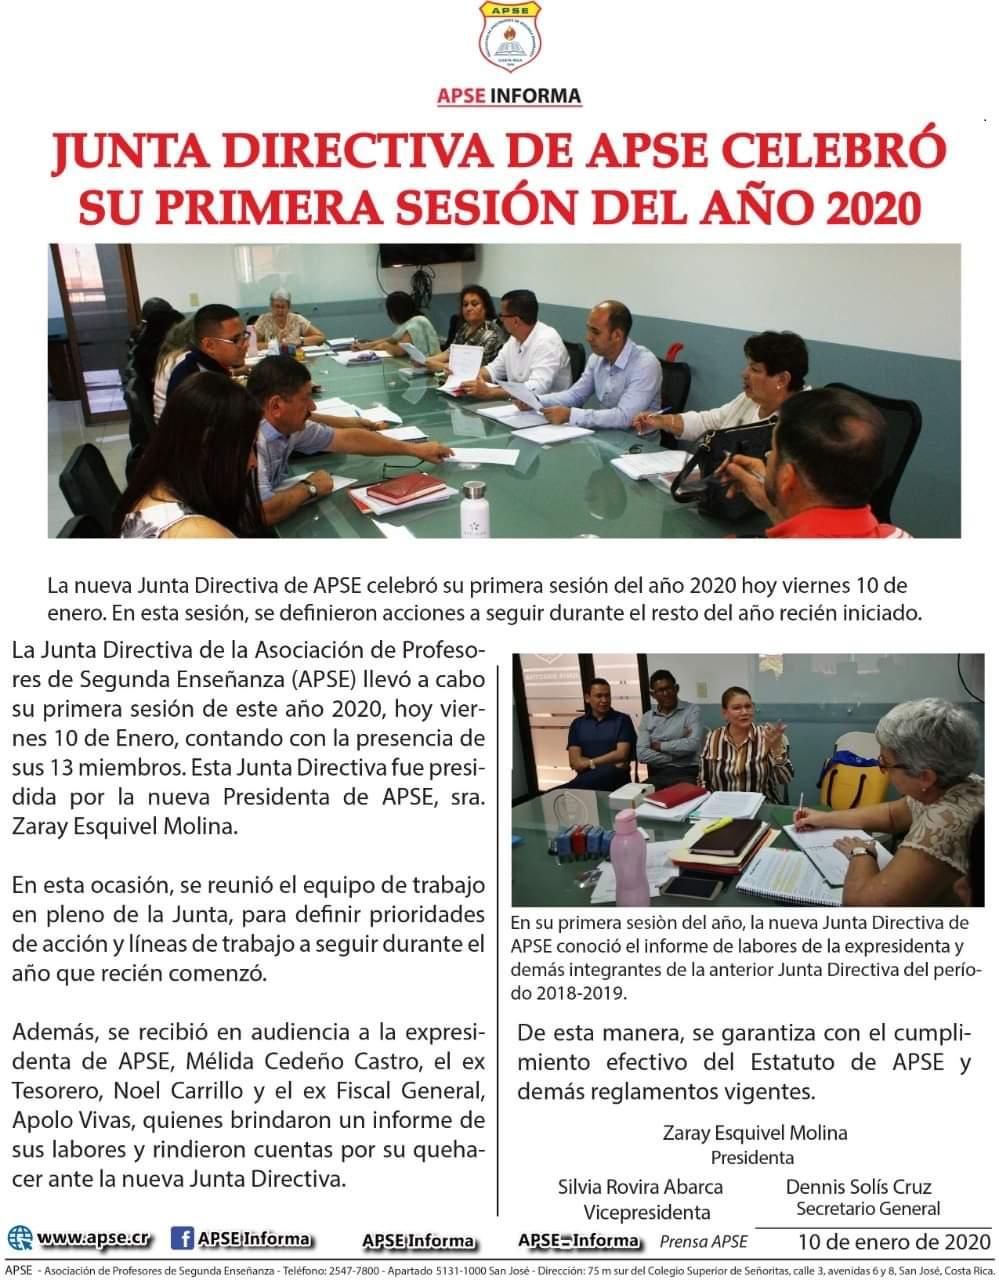 JUNTA DIRECTIVA DE APSE CELEBRÓ SU PRIMERA SESIÓN DEL AÑO 2020